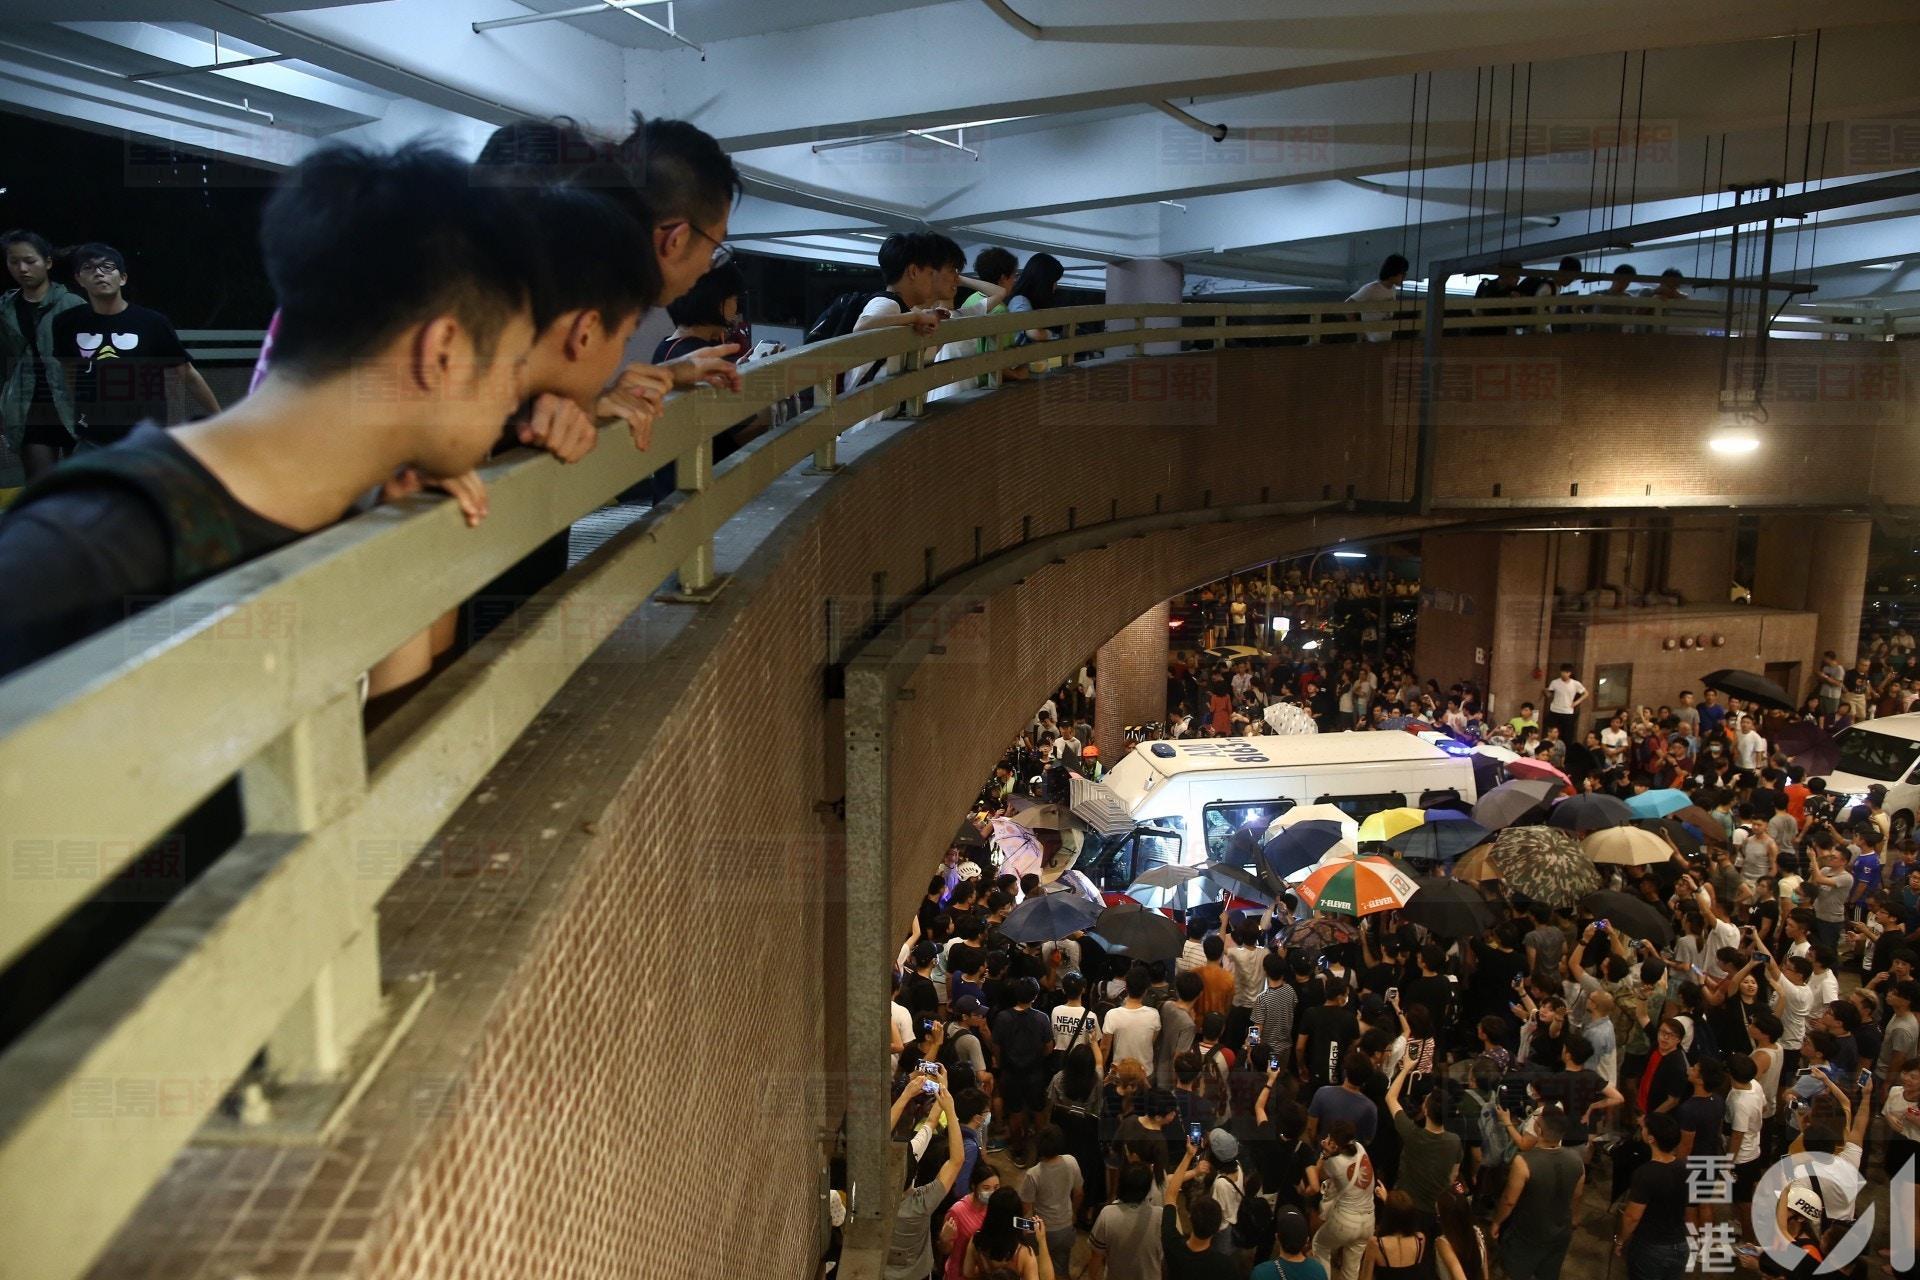 黃大仙數百巿民與防暴警對峙圍警車 高喊:黃大仙唔歡迎你